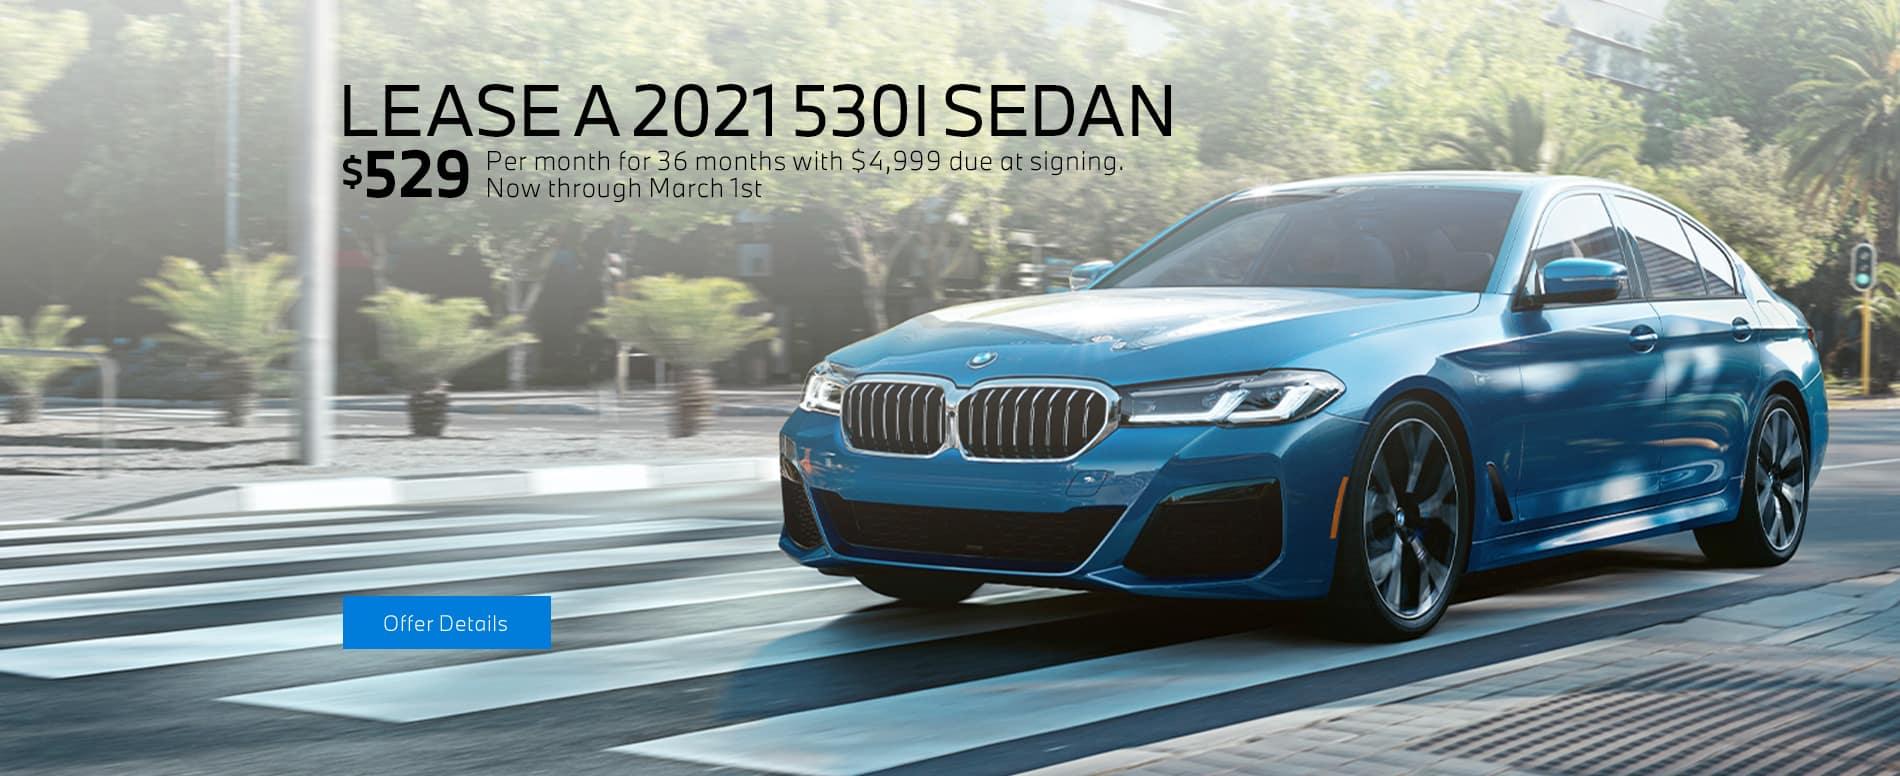 LEASE A 2021 530I SEDAN